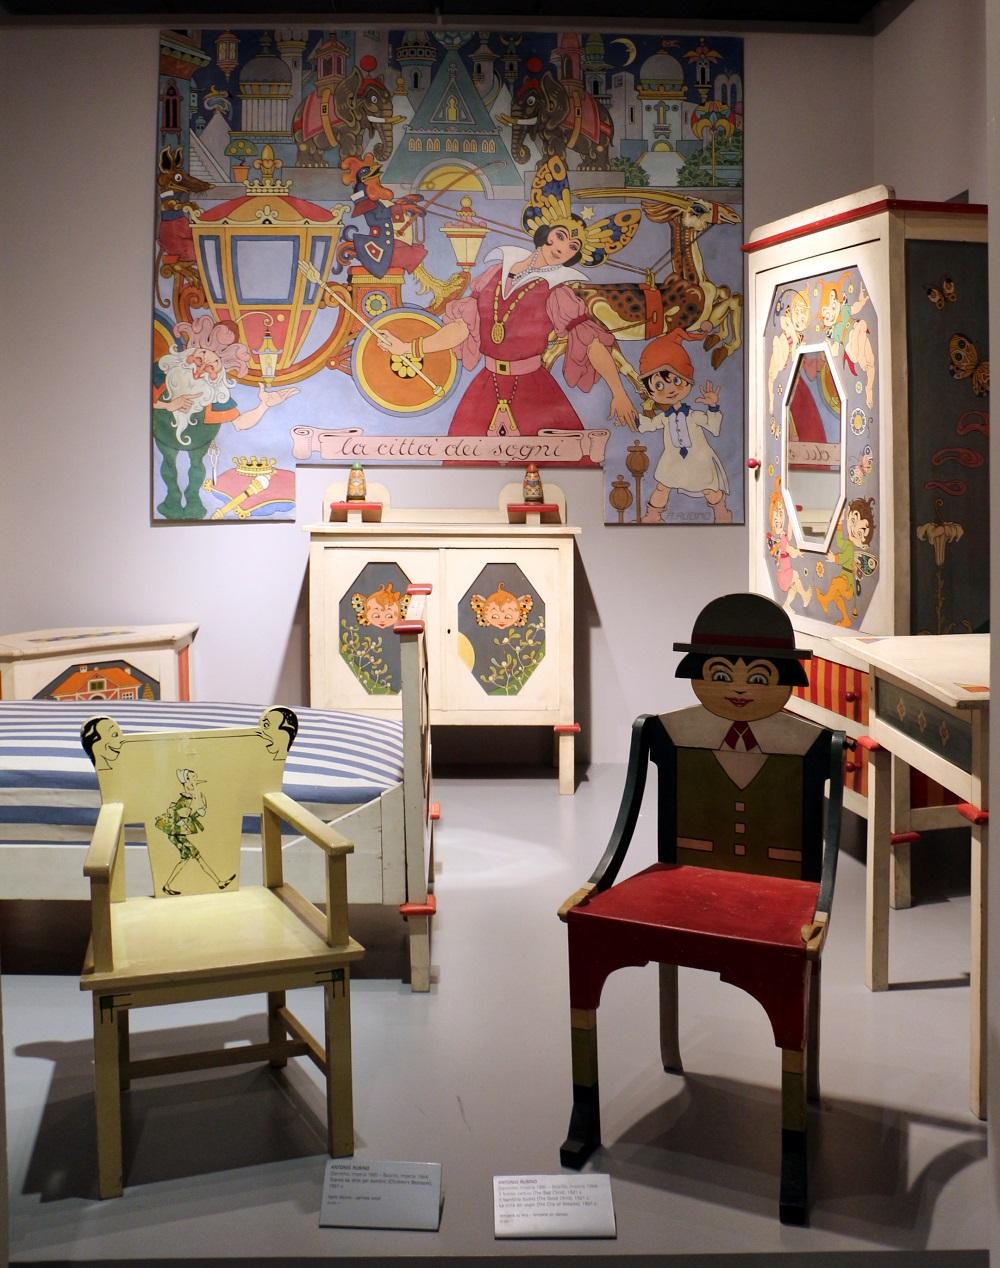 Rubino: camera per bambini, circa 1922, esposta alla galleria Wolfsoniana di Genova Nervi. Alcuni particolari